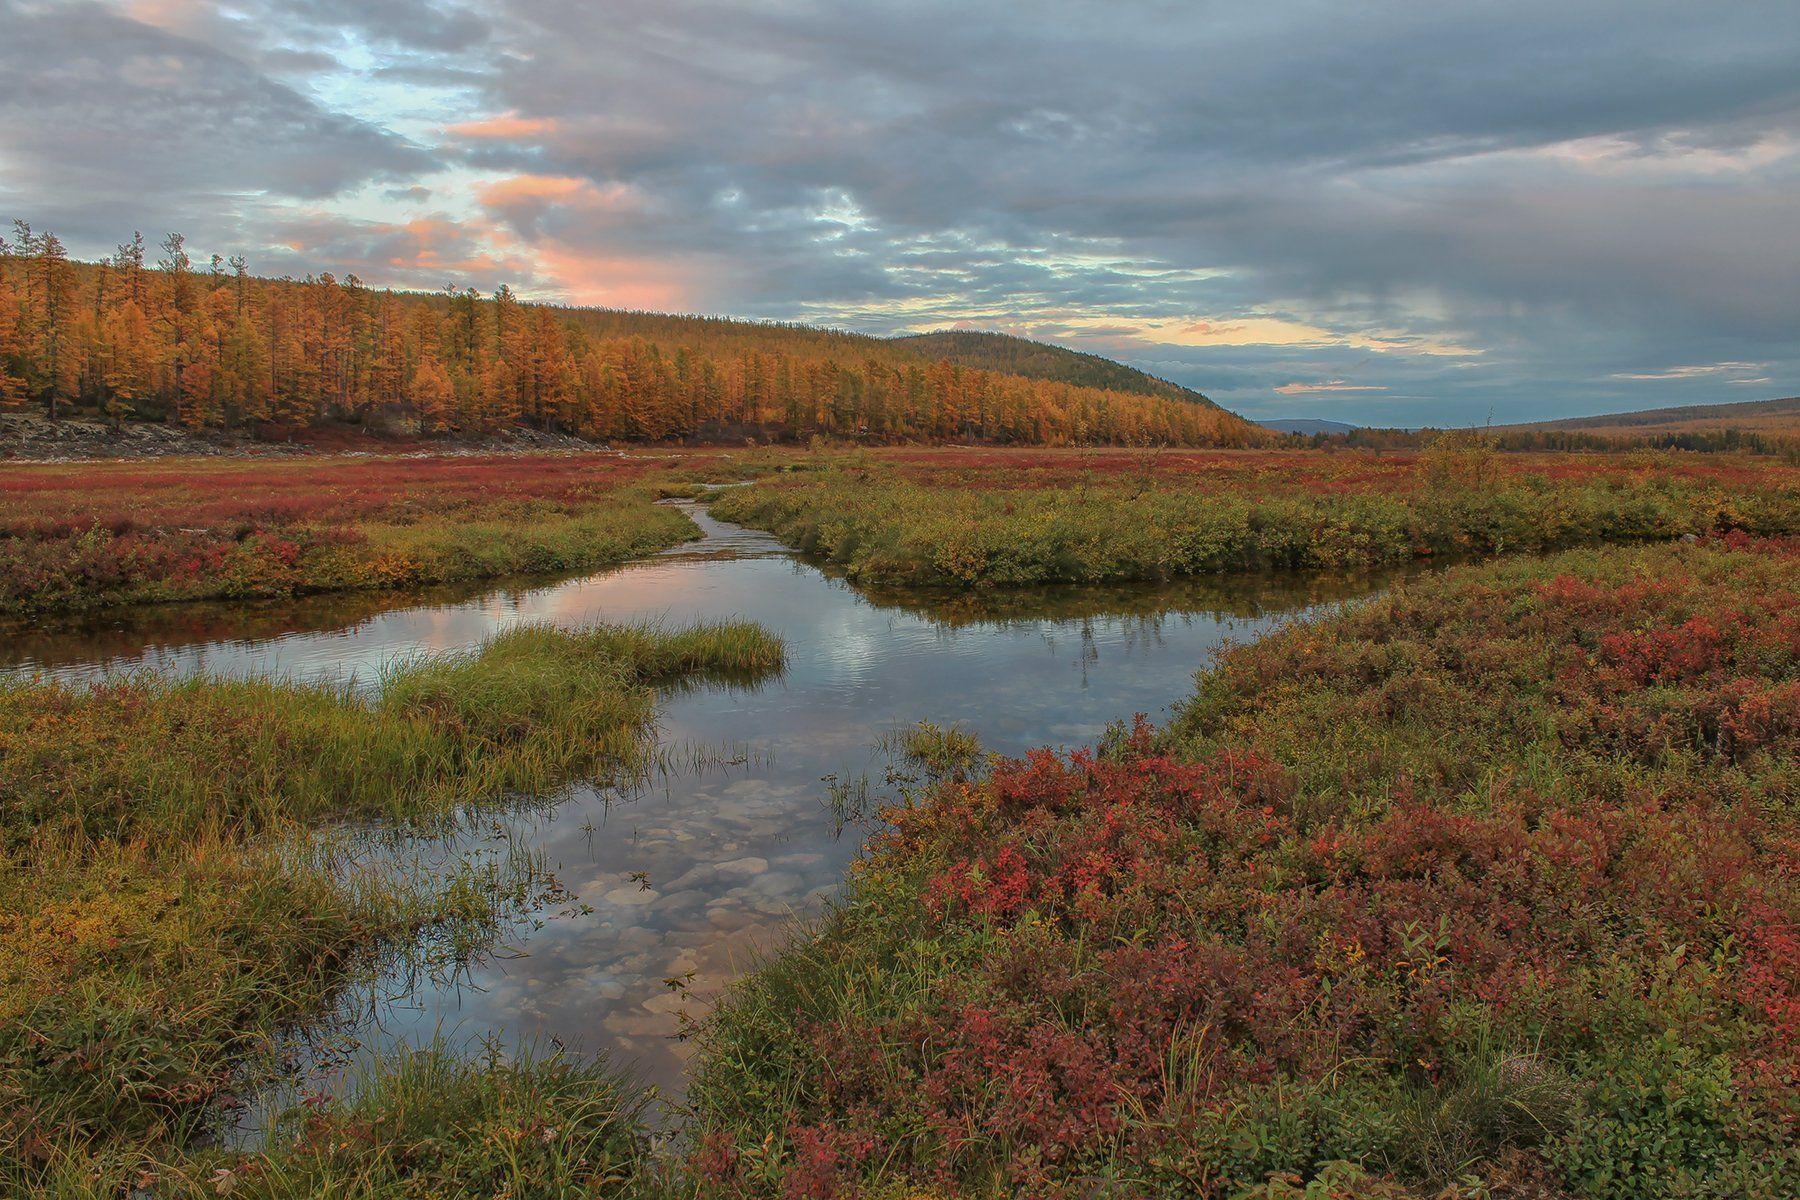 якутия, нерюнгри, осень, самокит, река_самокит, Евгения Левина